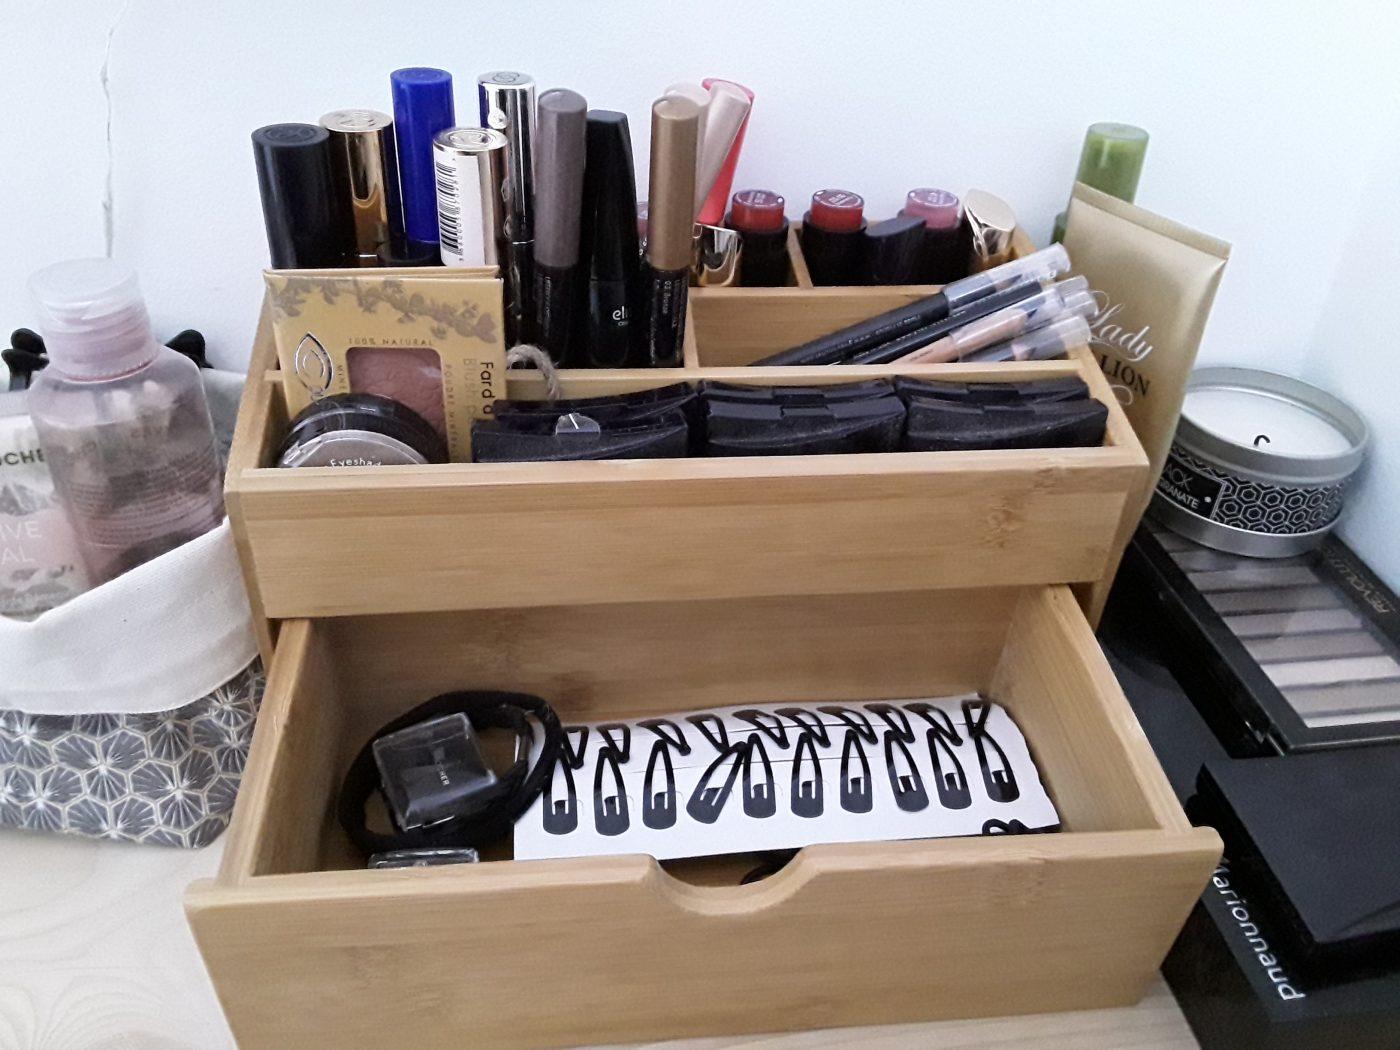 Rangement maquillage bambou (Blog Zôdio)